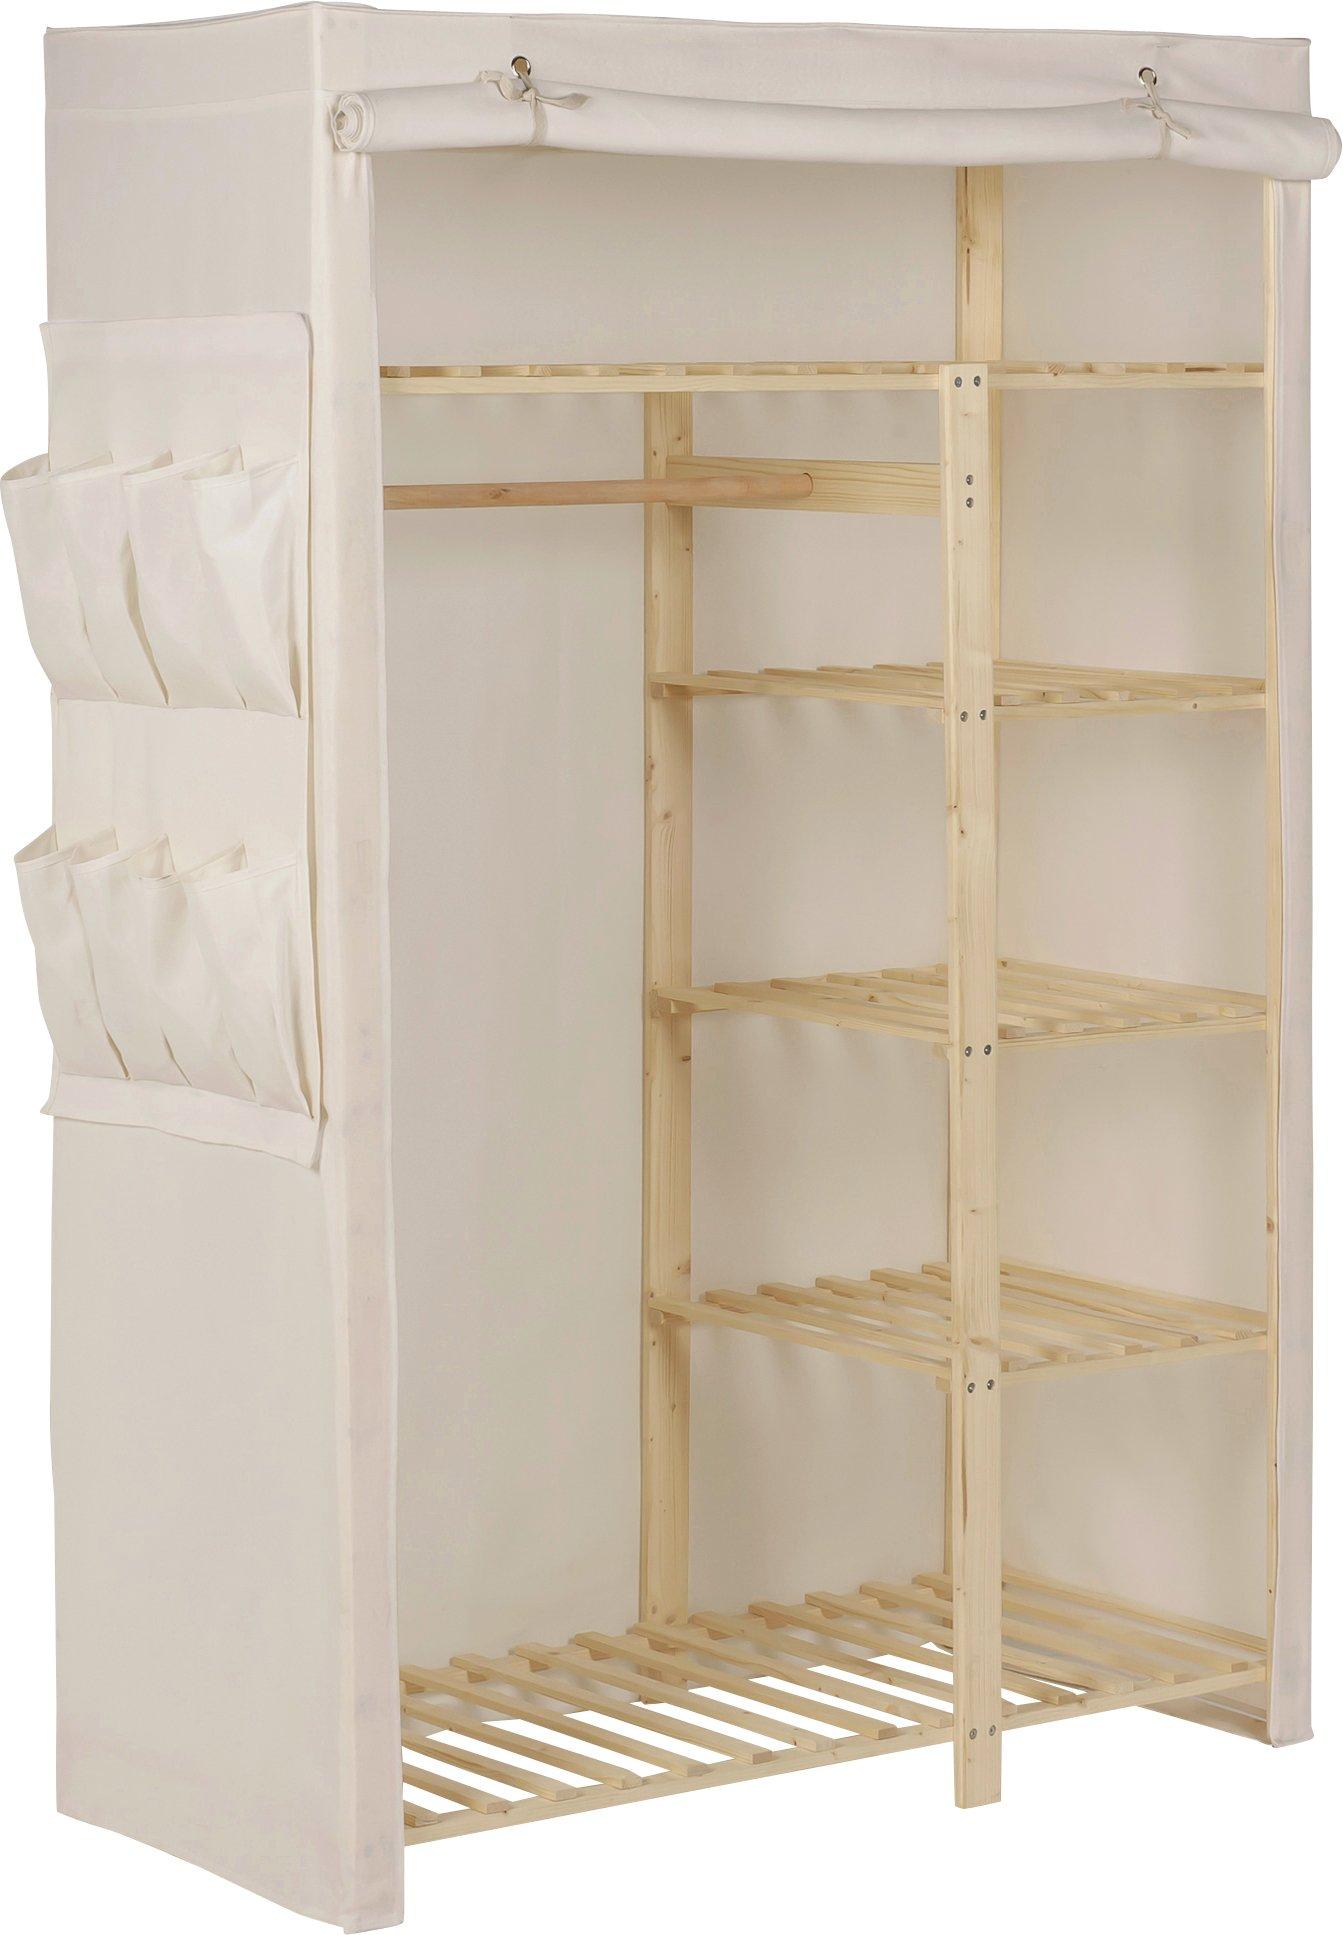 Argos Home Polycotton and Pine Double Wardrobe - Cream